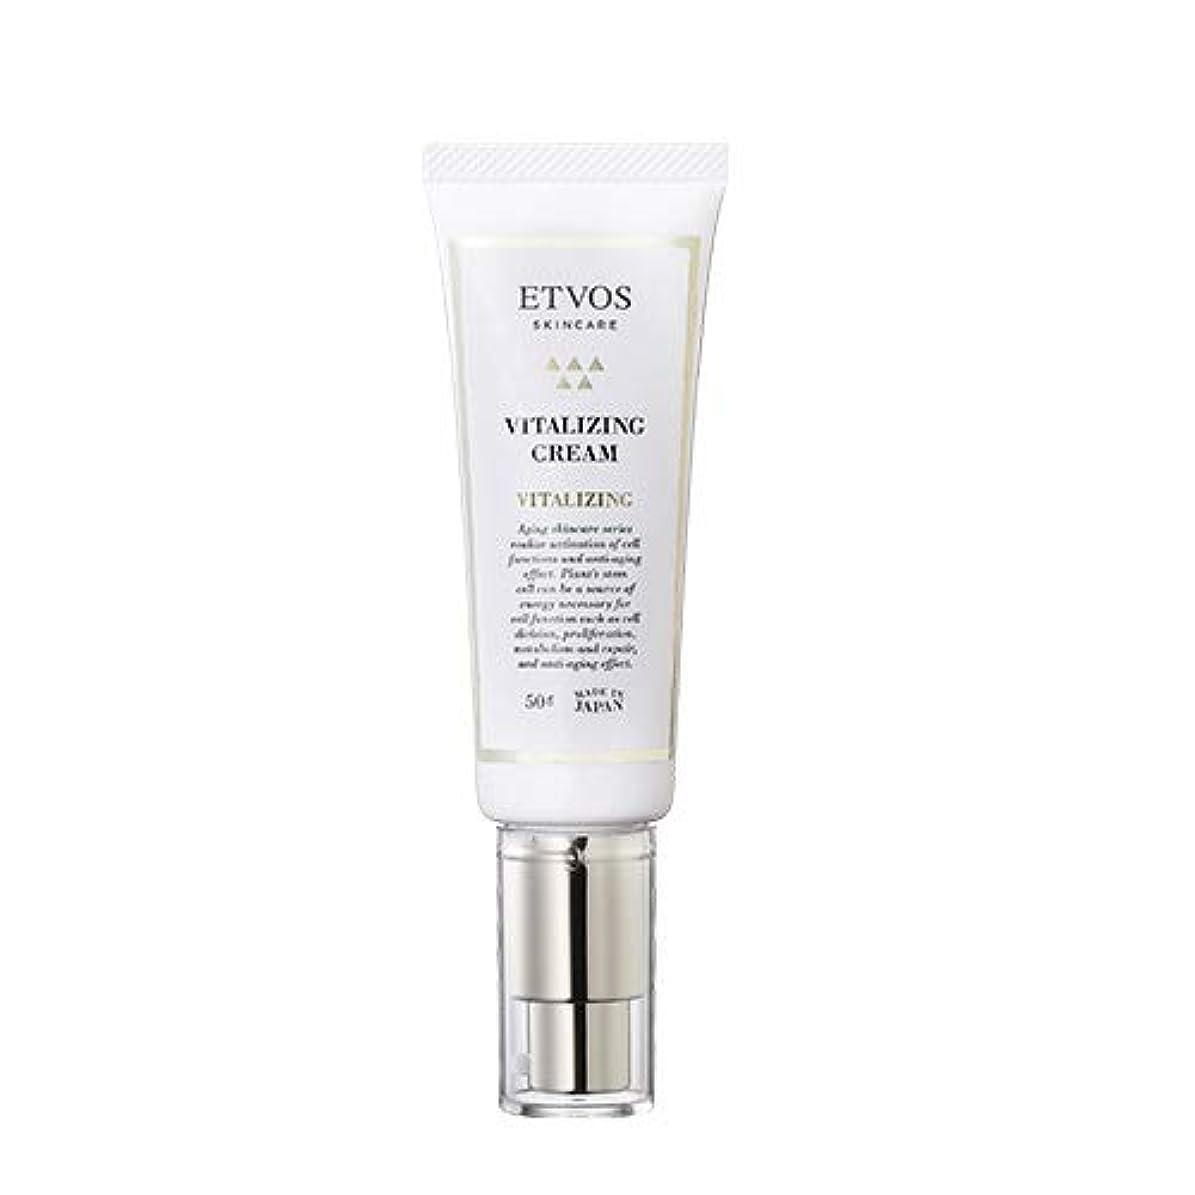 堂々たる特定の一次ETVOS(エトヴォス) 美容クリーム バイタライジングクリーム 50g リンゴ幹細胞エキス セラミド エイジング